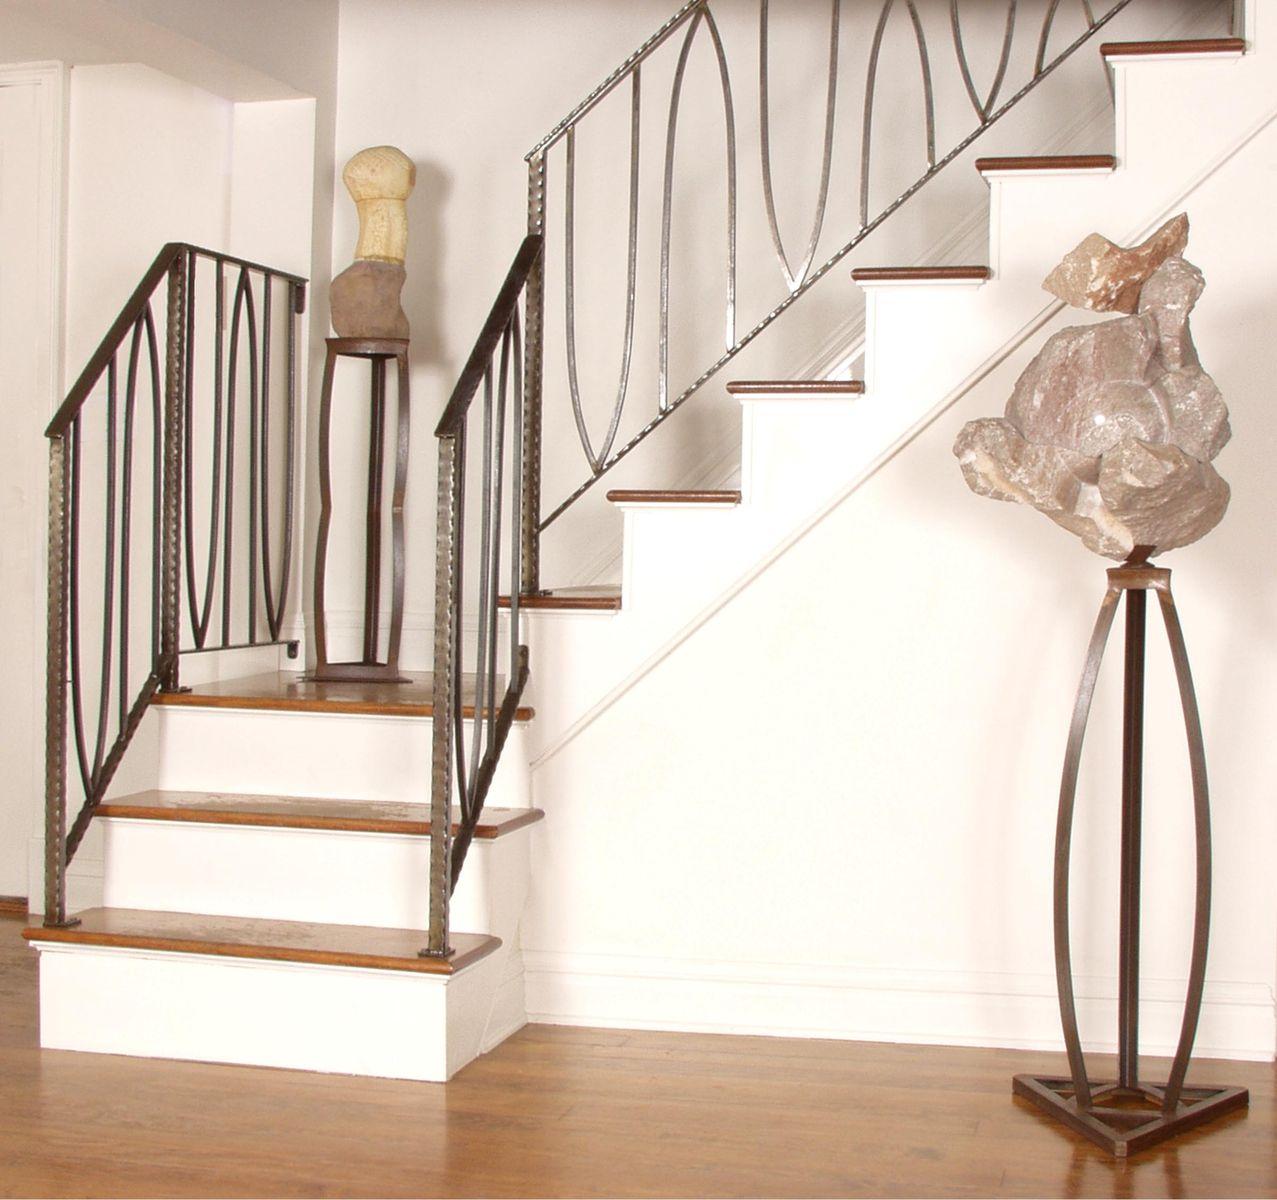 Anahata Stair Railing